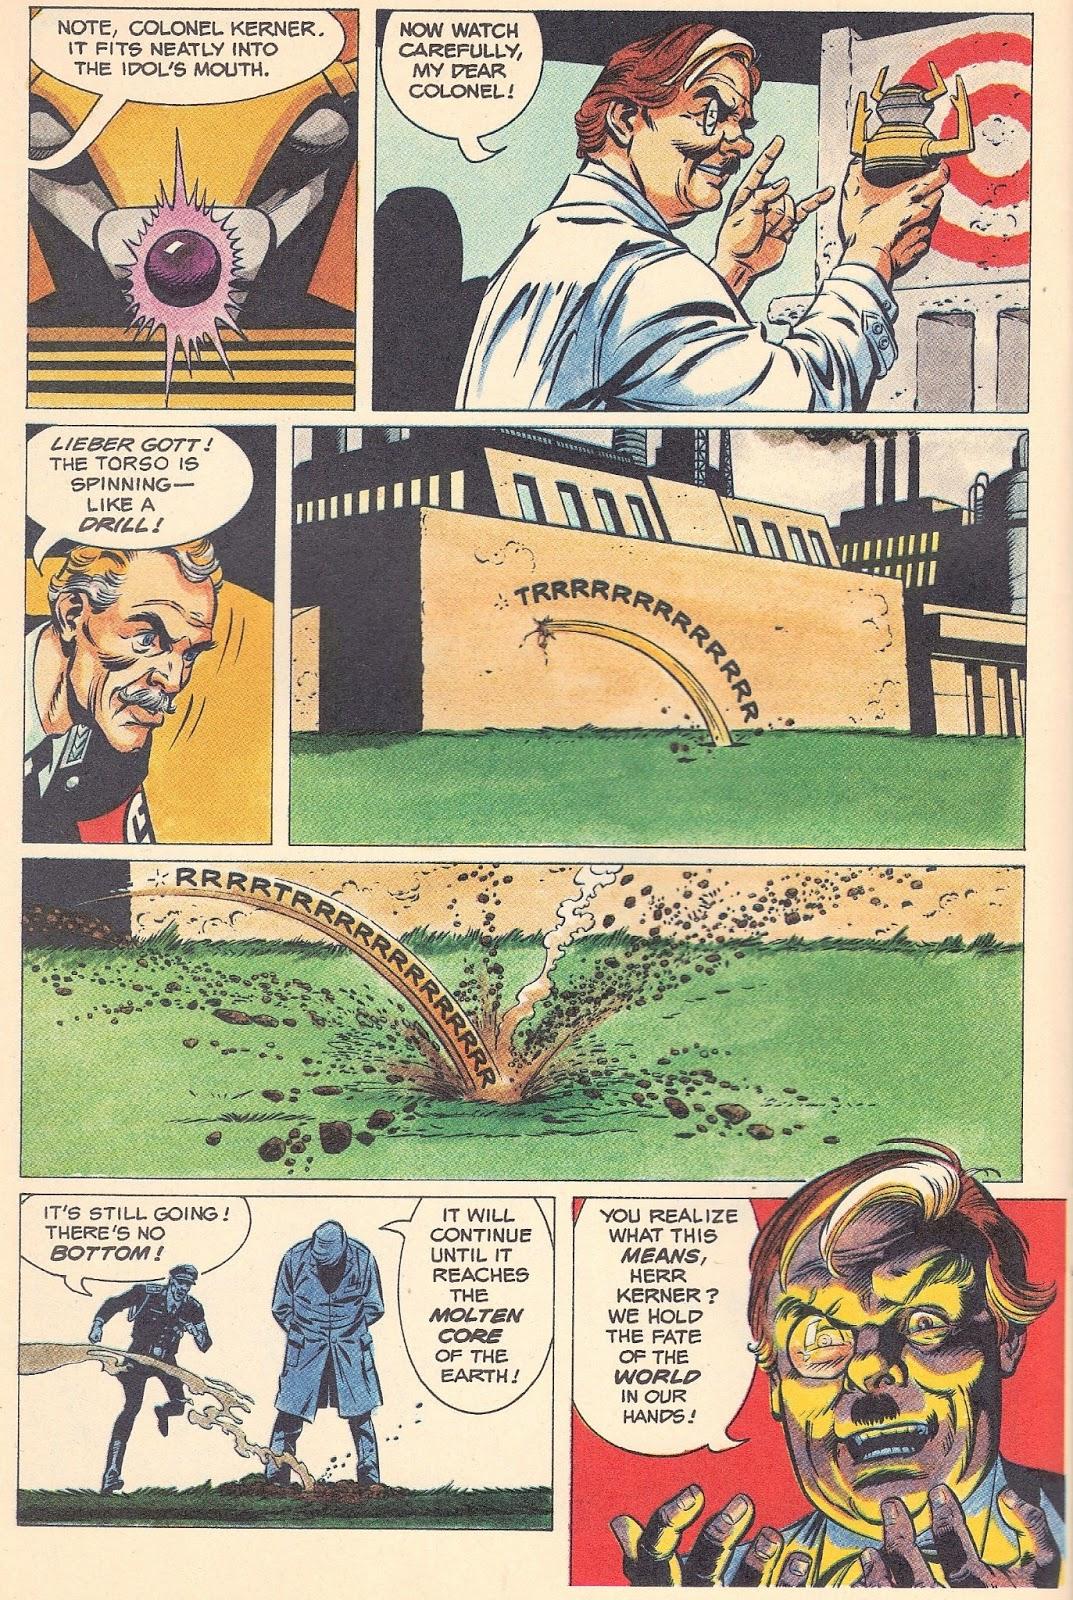 Les comics que vous lisez en ce moment - Page 7 Indiana+Jones+Atlantis+comic+2